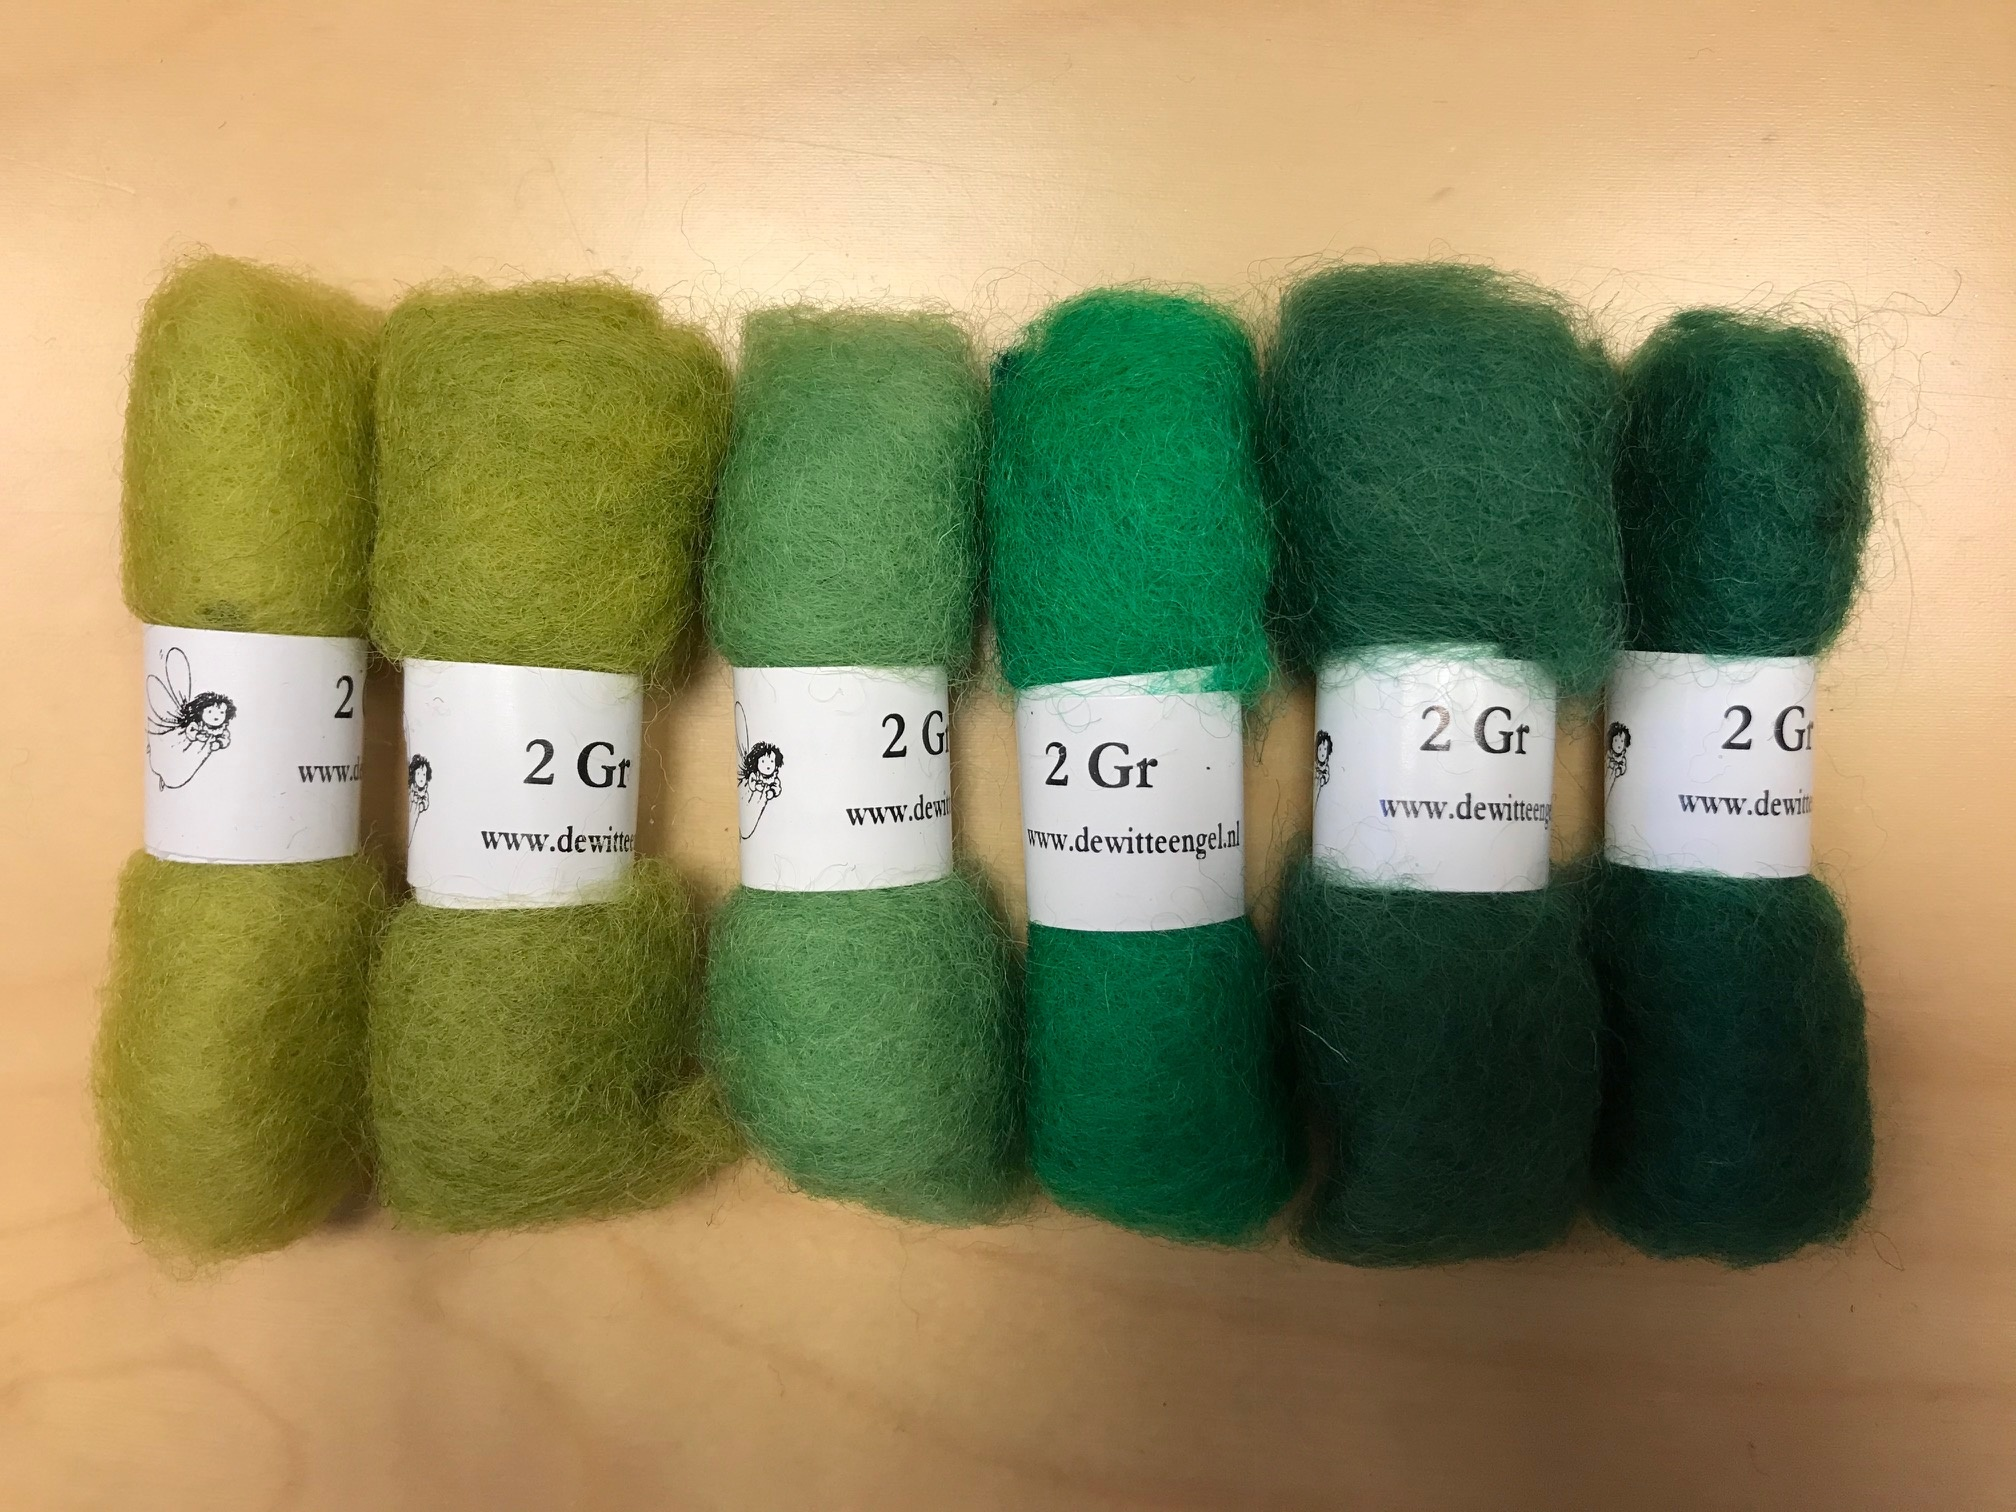 Bheda wool Bhedawol Set - Mini 6 stuks 2 gr. - Groen